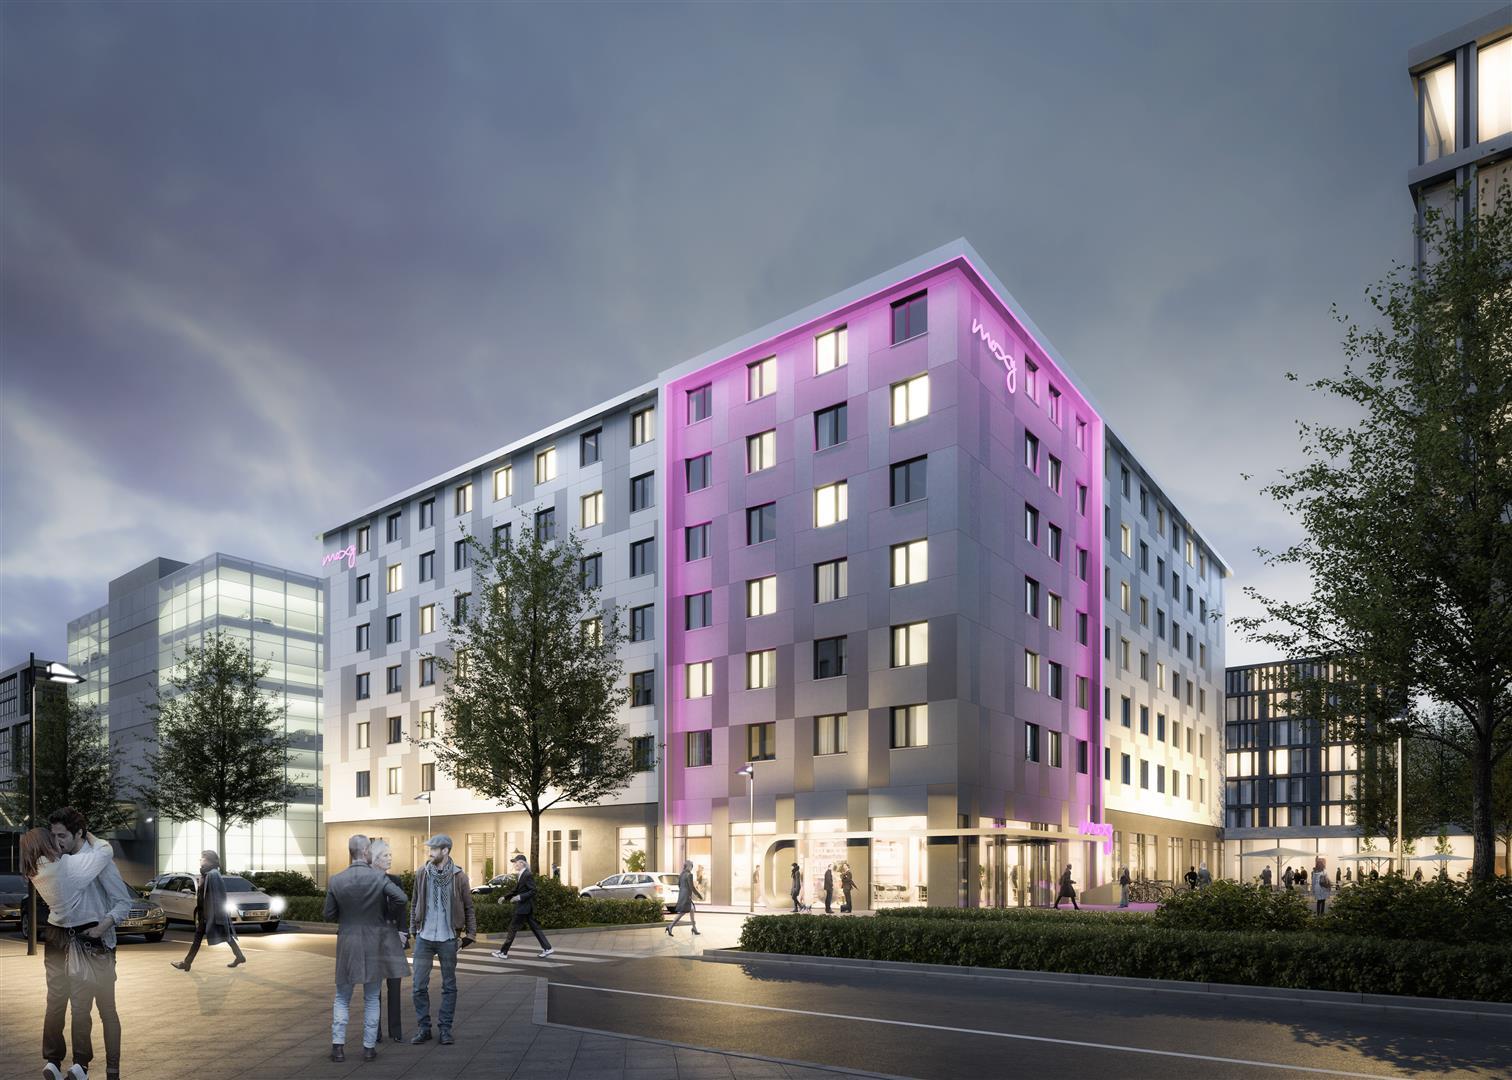 Hotel Moxy Berlin